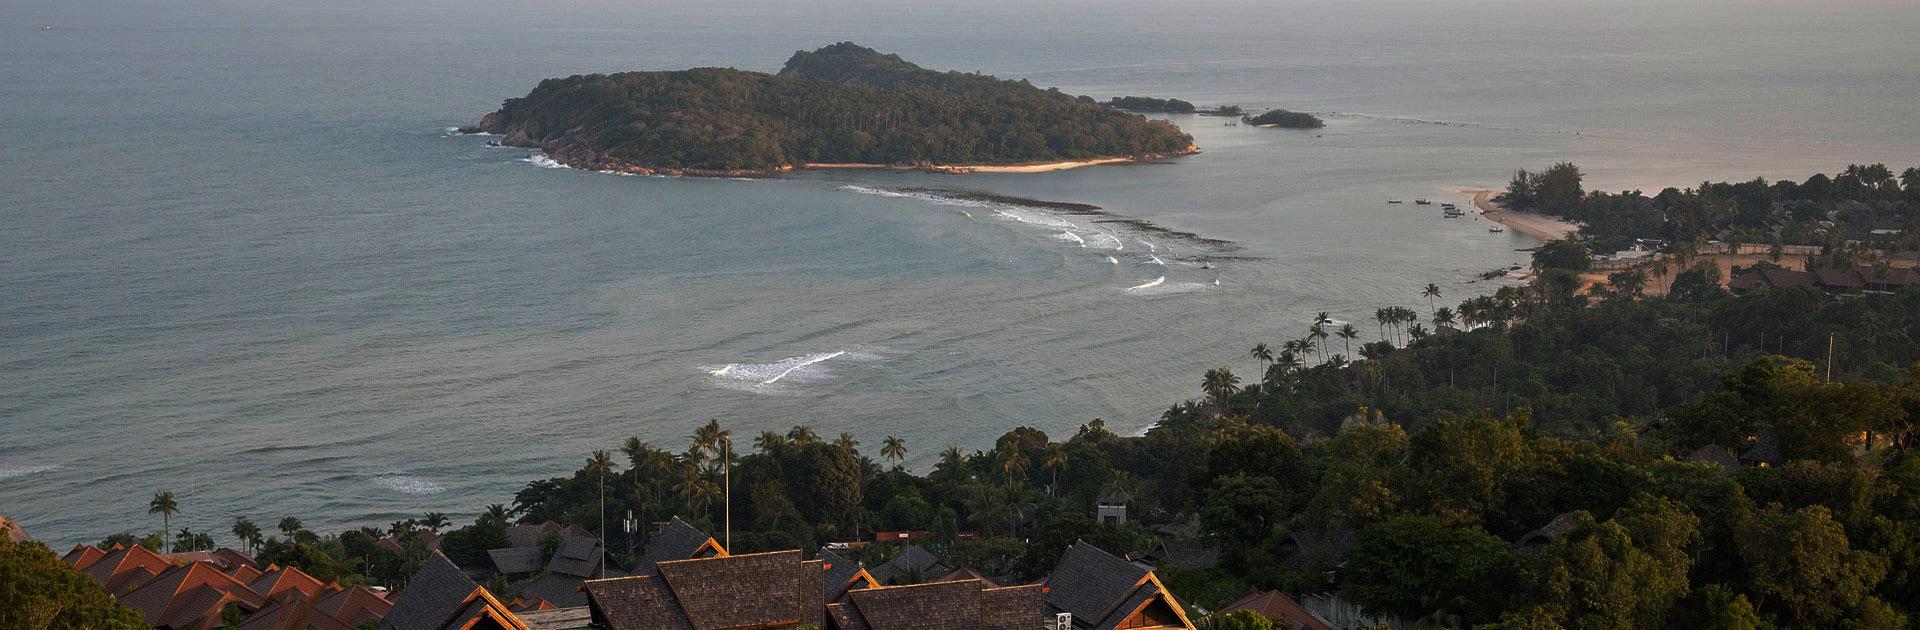 TH Tentaciones de Tailandia y Koh Samui 12 días 3